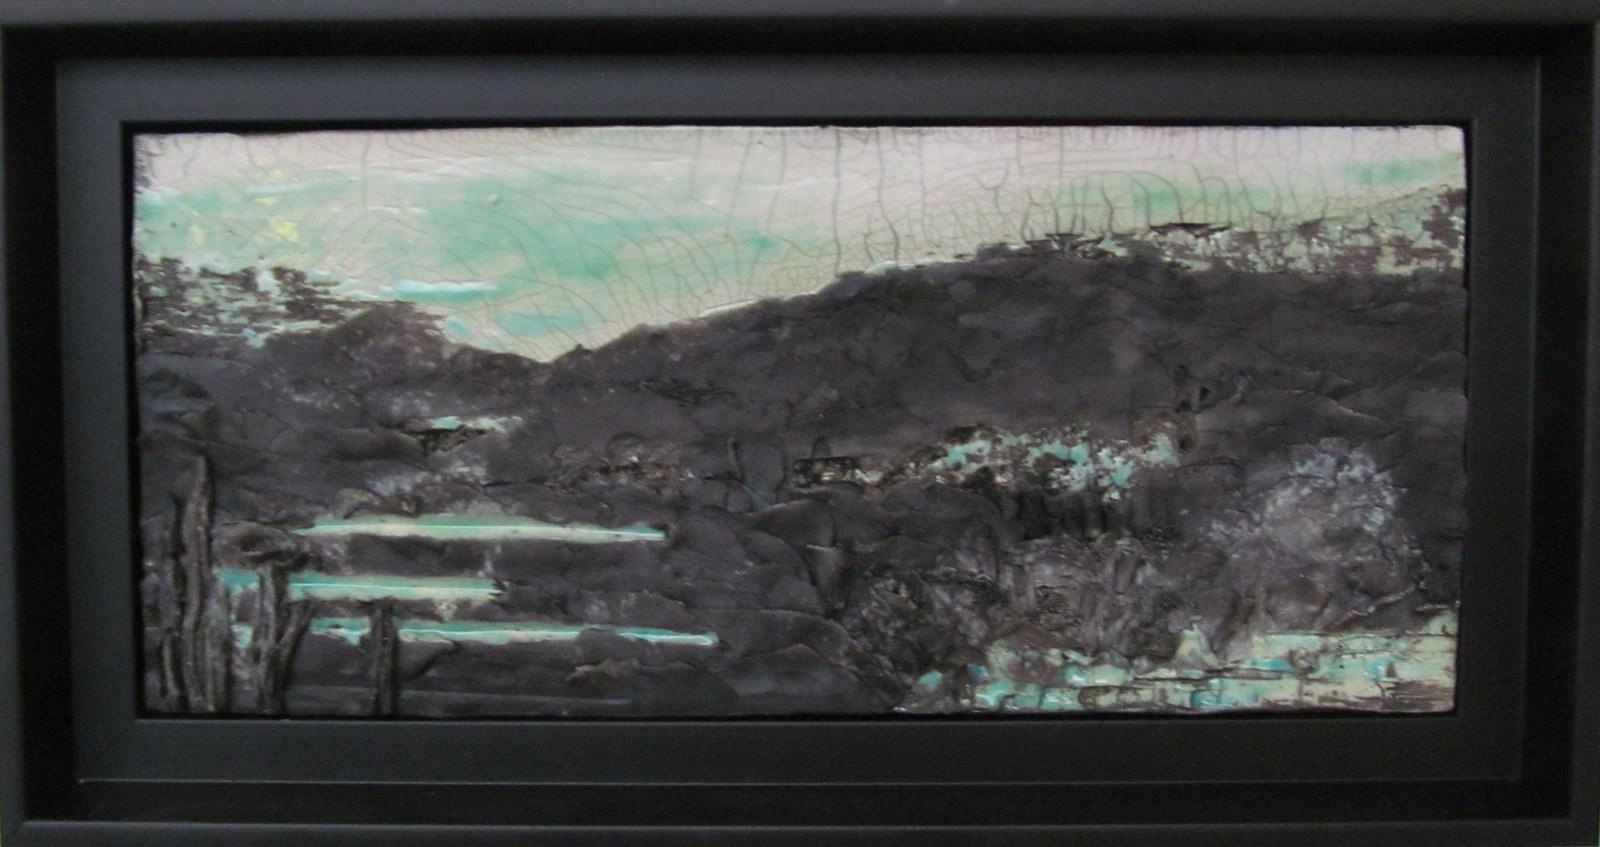 15-Cascades sur la côte (Musée des métiers d'art à Montréal)